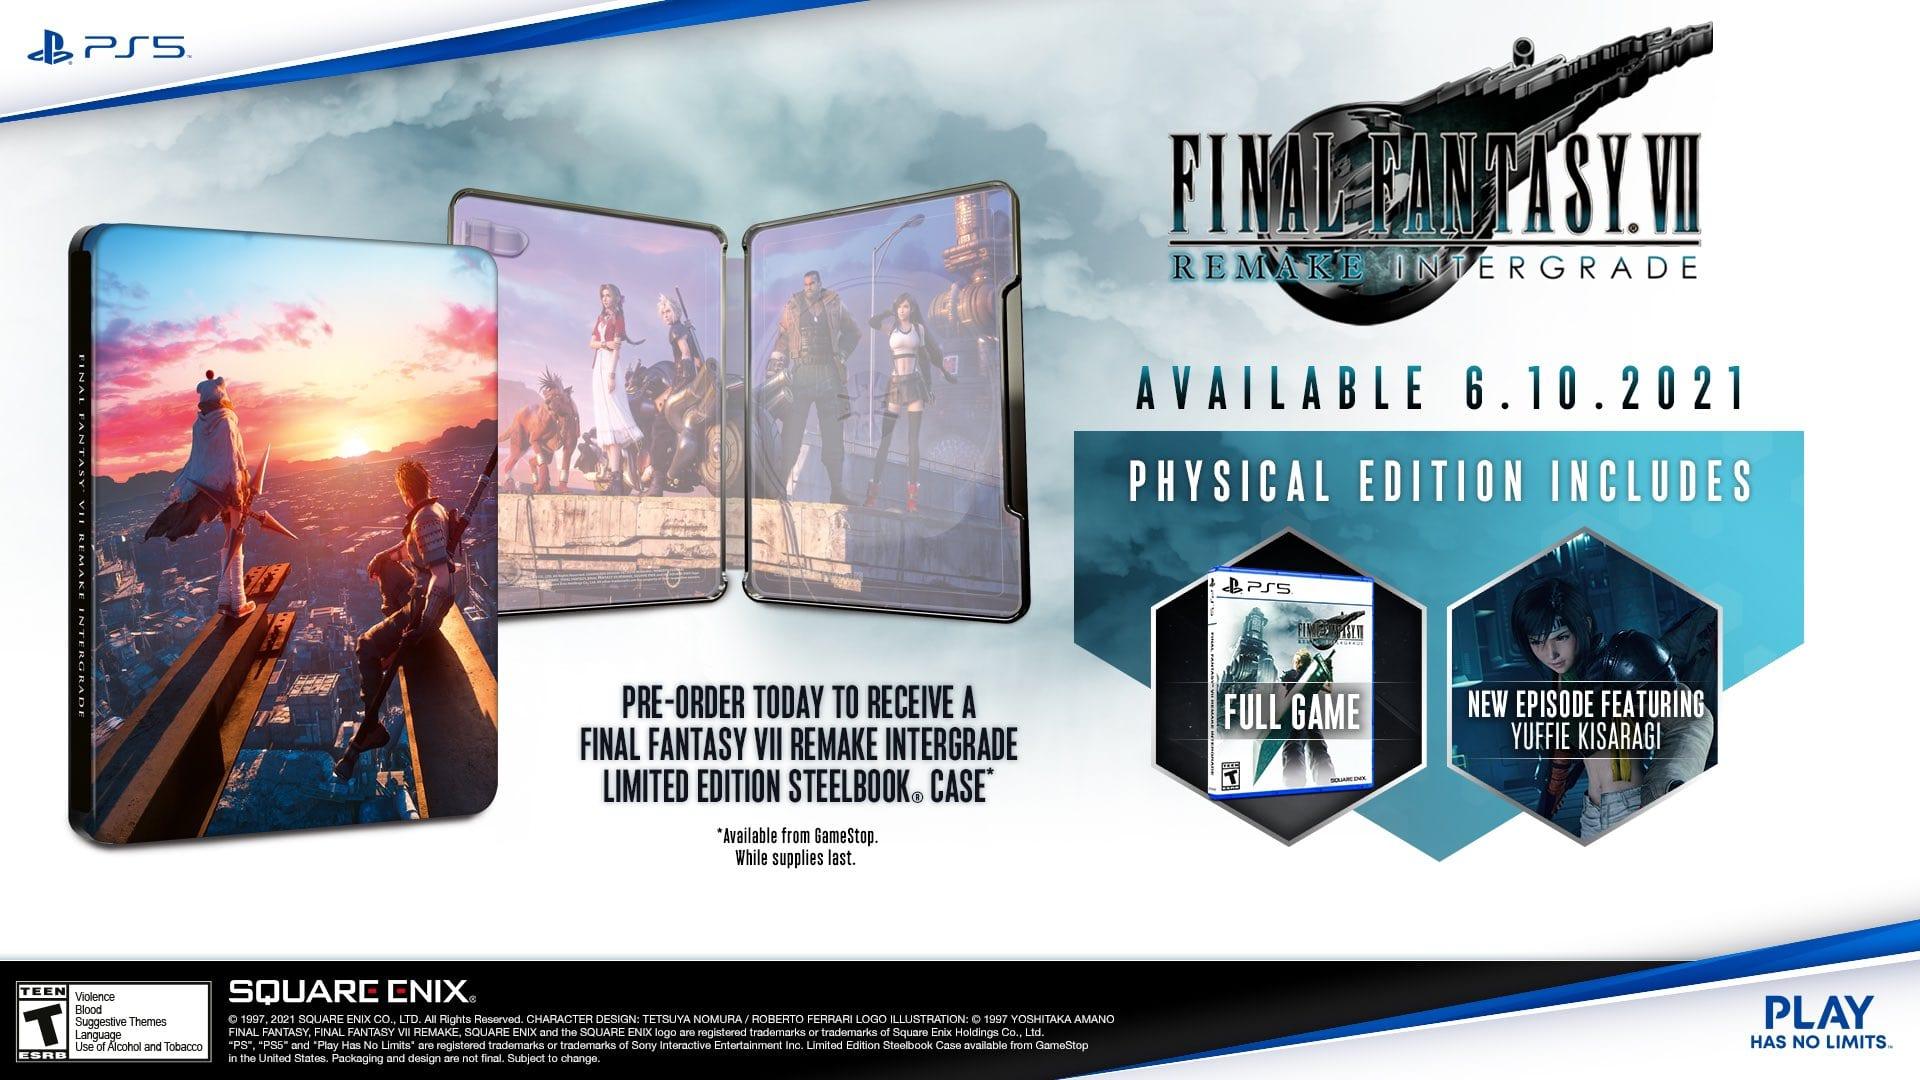 Final Fantasy 7 Remake Intergrade exklusives Steelbook Amazon